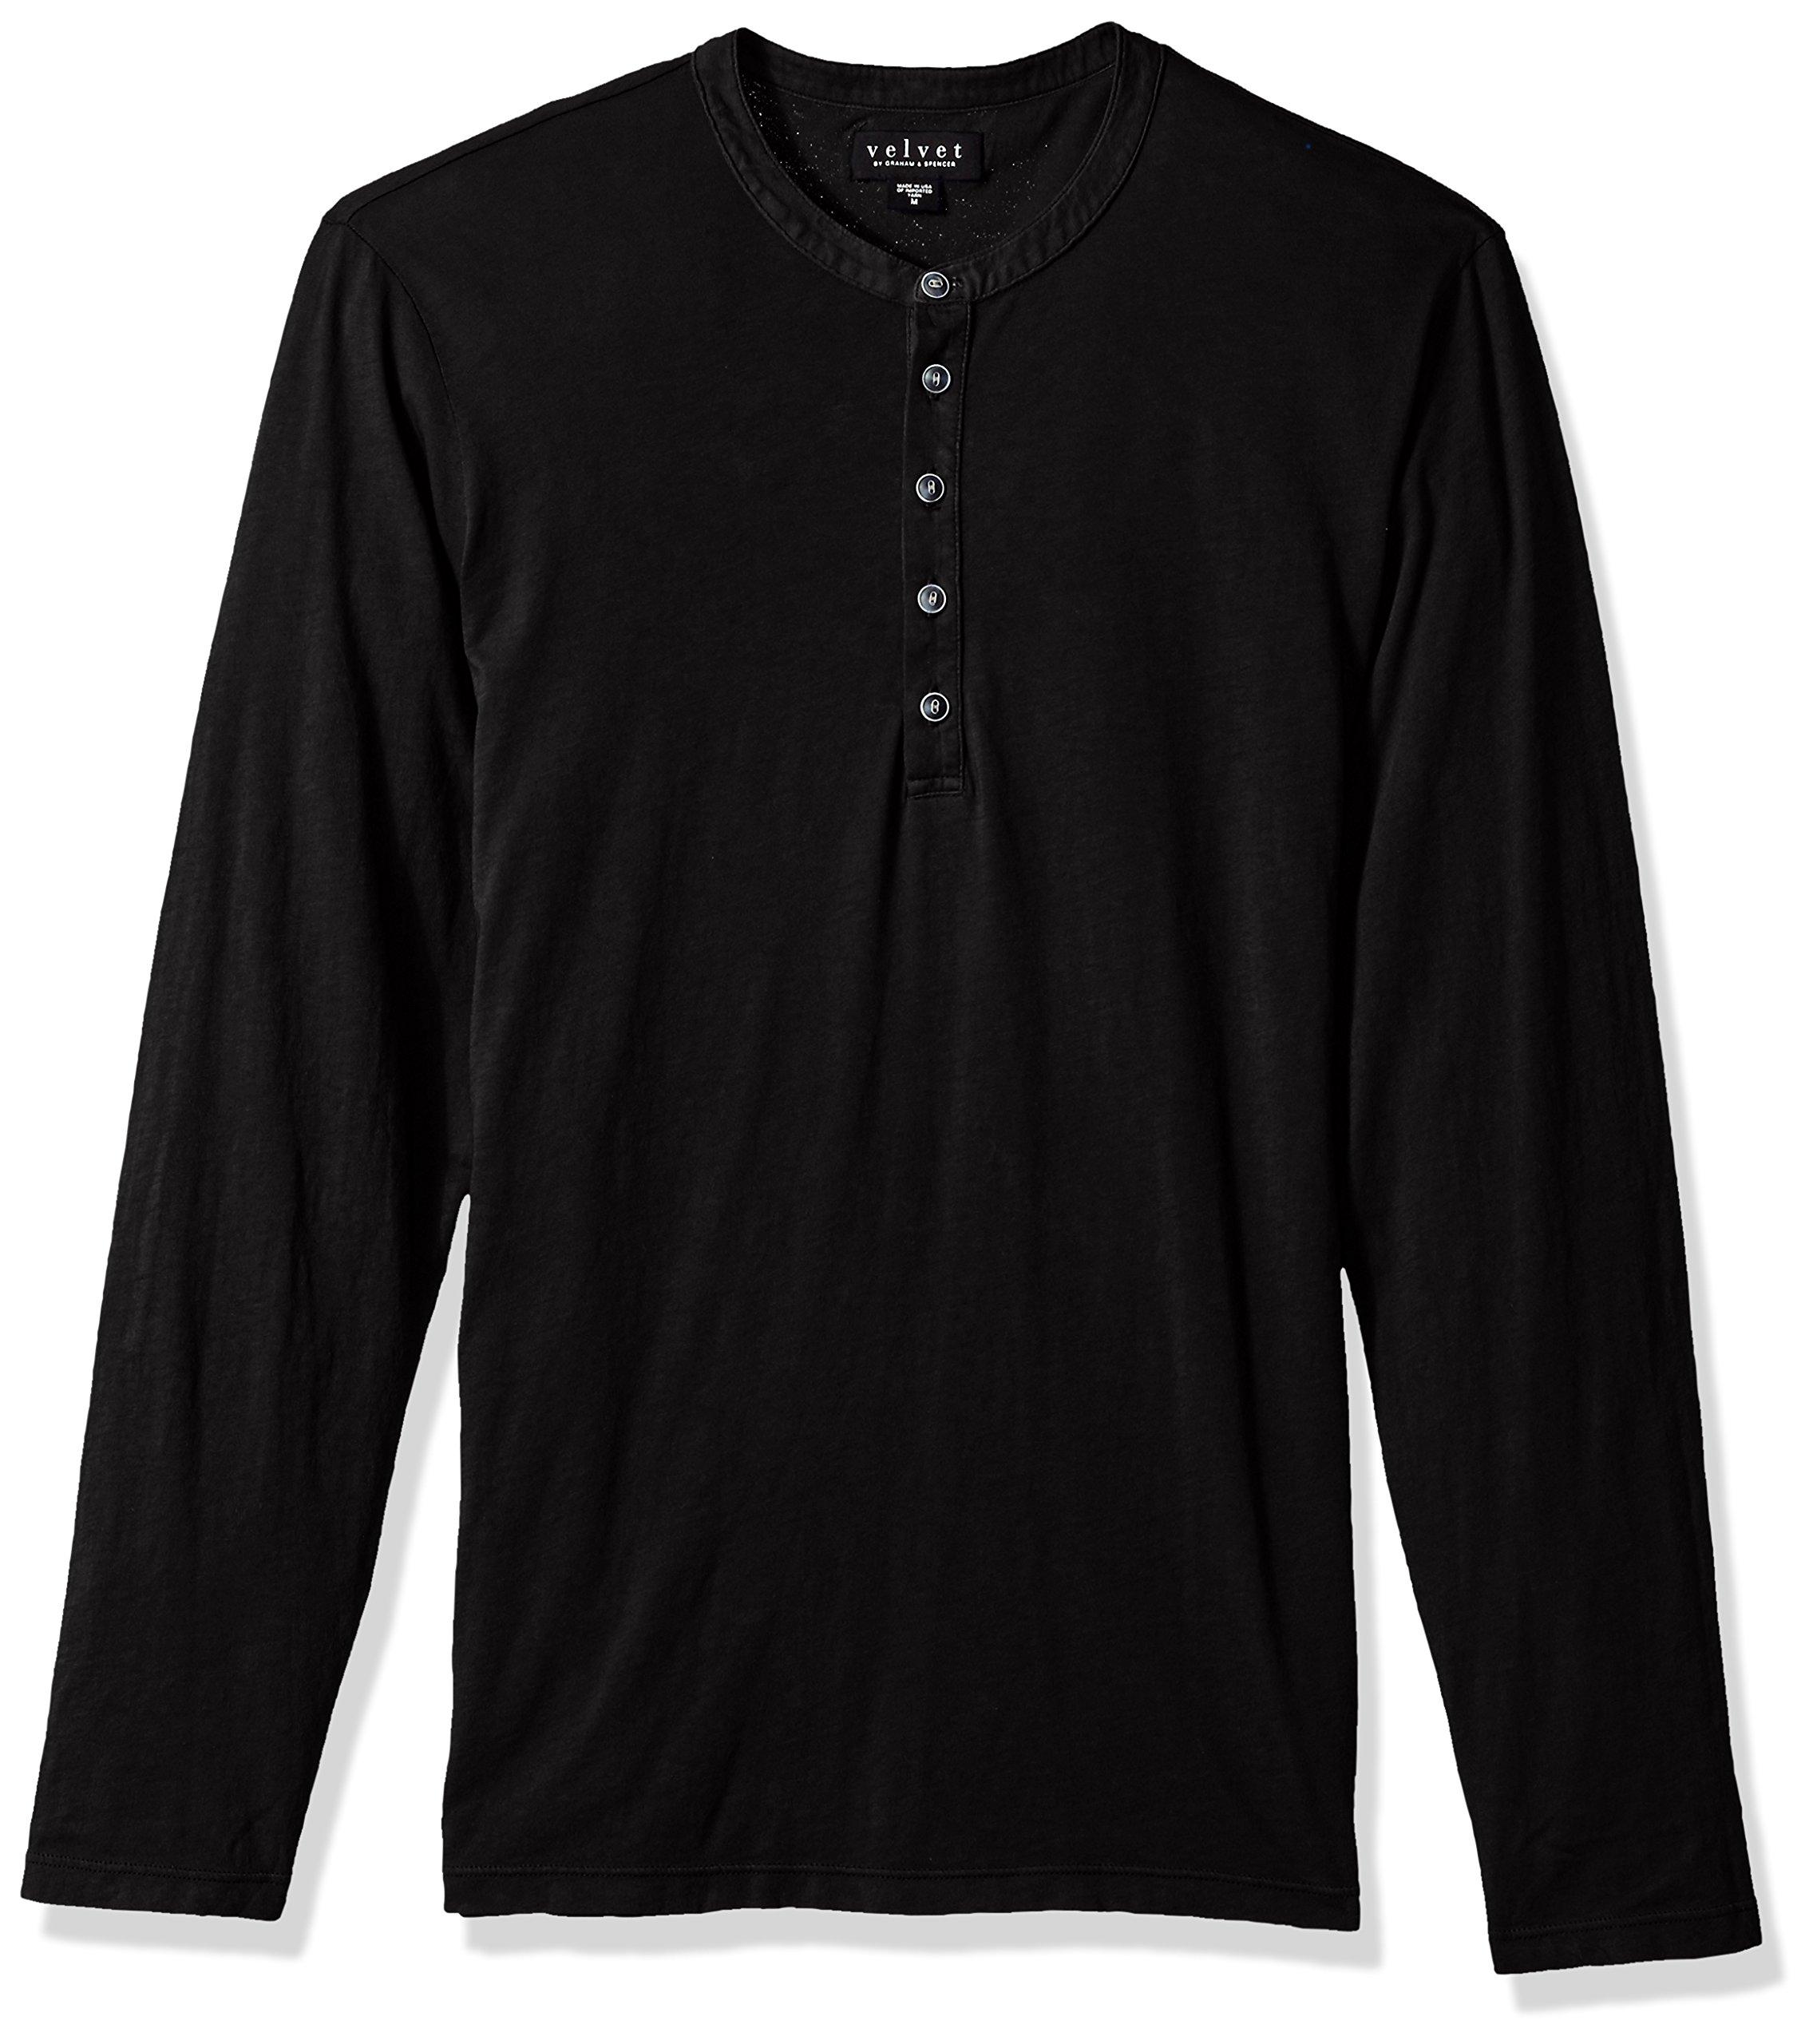 VELVET BY GRAHAM & SPENCER Men's Alvaro Henley in All Cotton, Black, Large